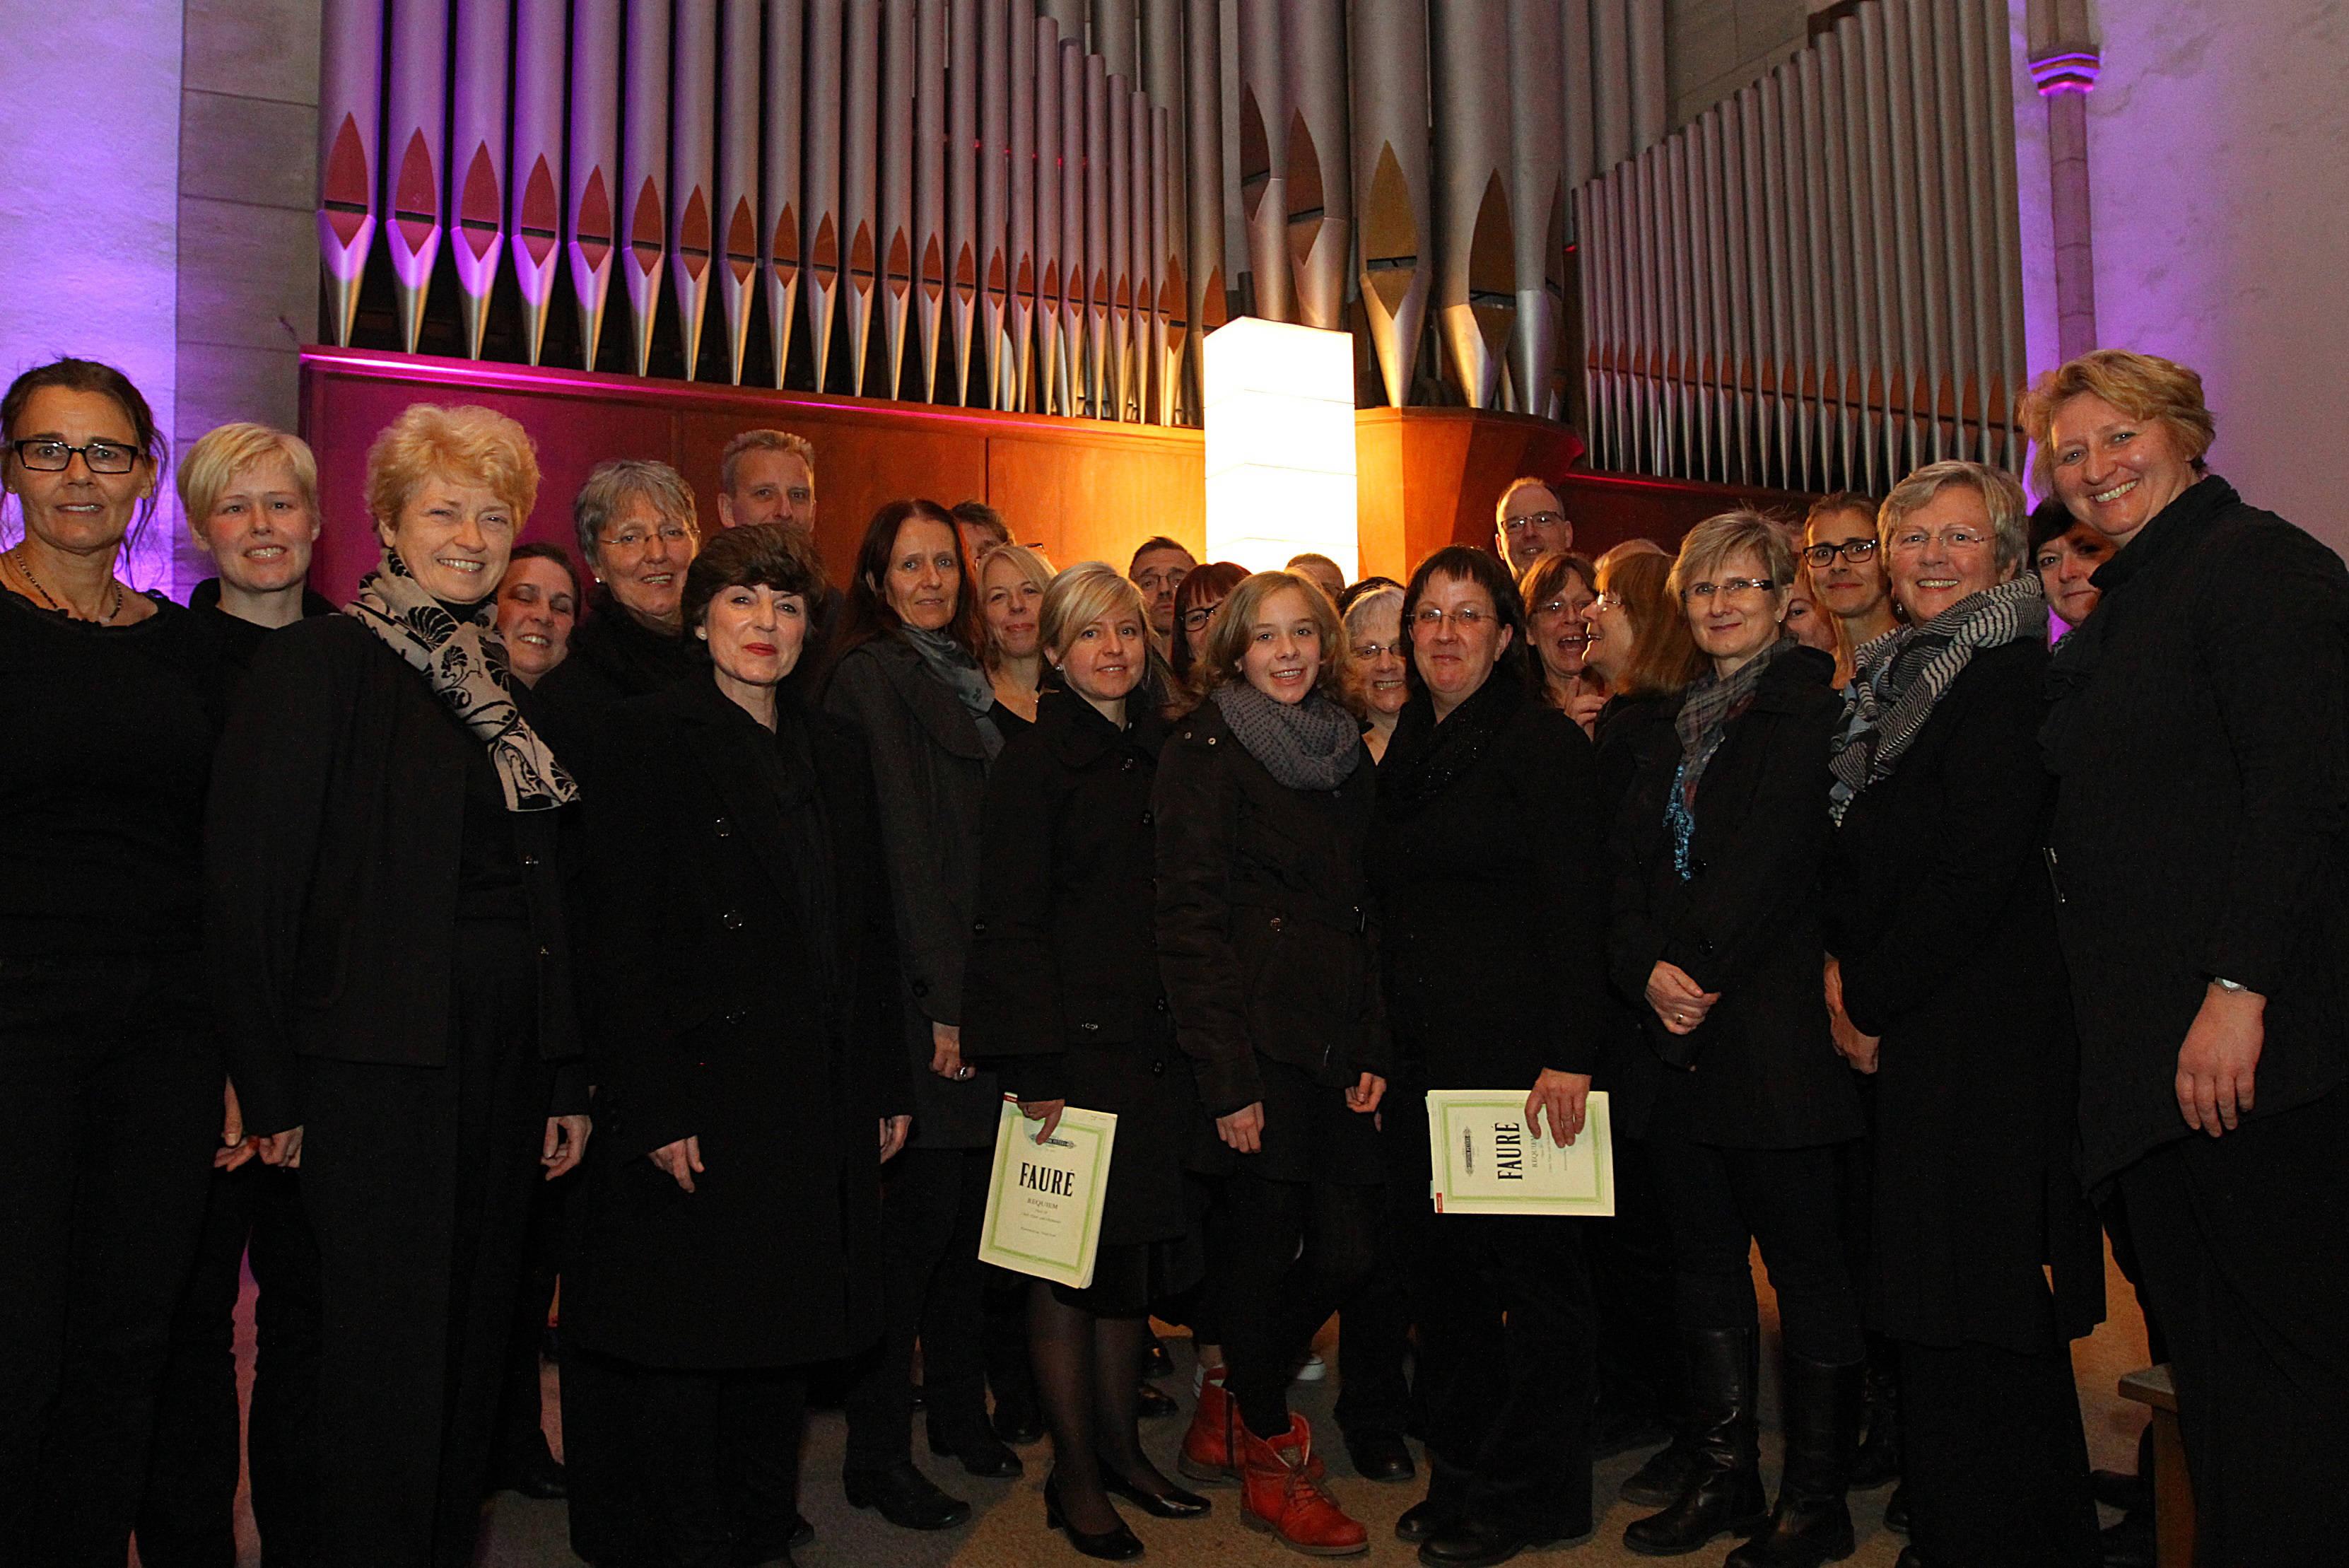 Vokalensemble am Mergelteich in der Grabeskirche